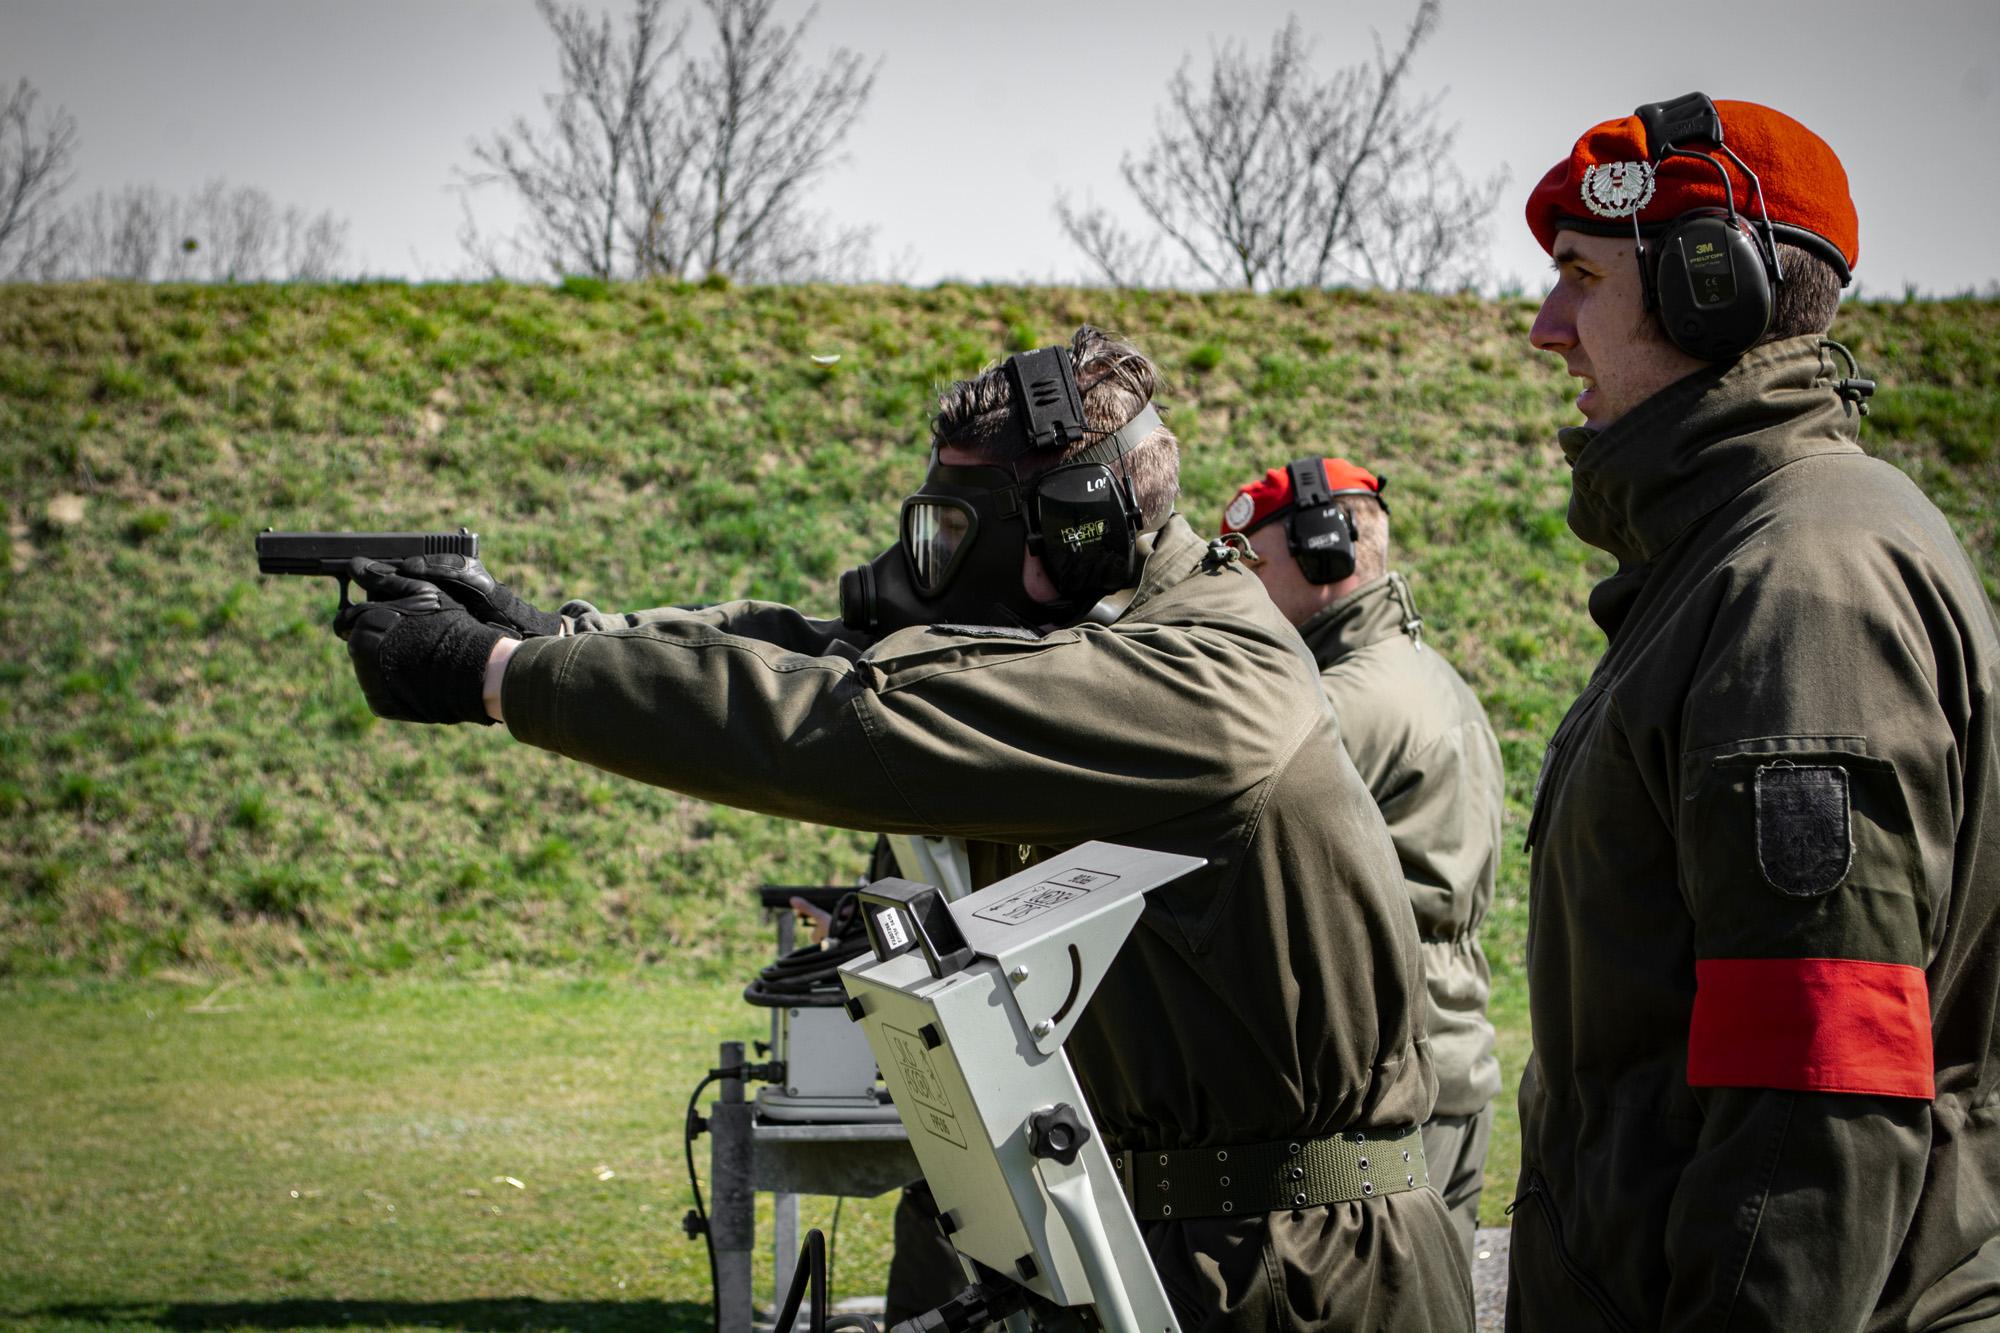 2020_03_24_Garde_GdMus__Einsatzvorbereitung-Covid19-Scharfschießen_Garde_5